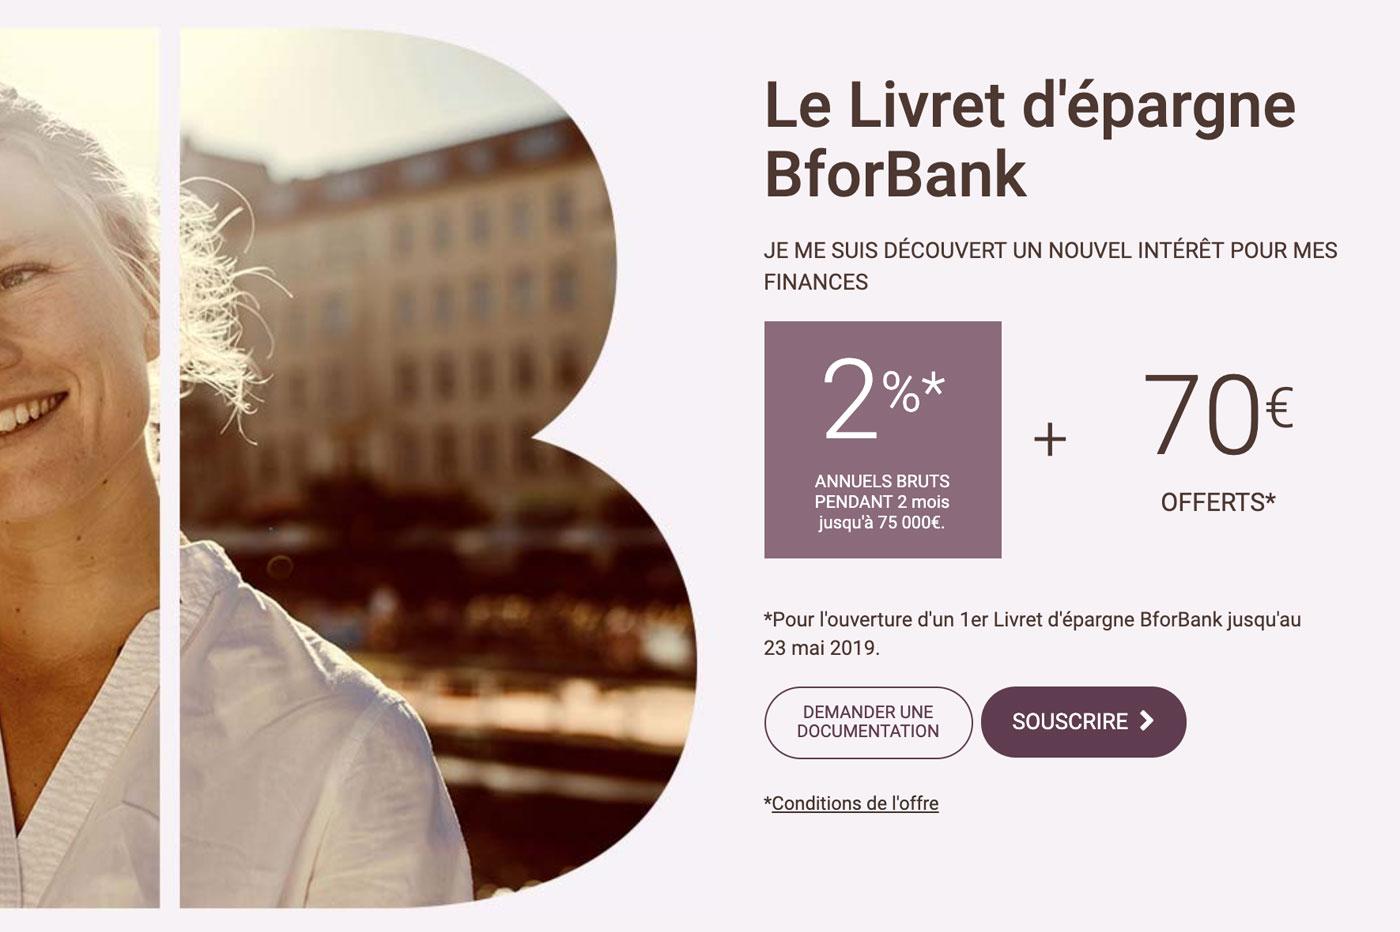 Livret épargne BforBank